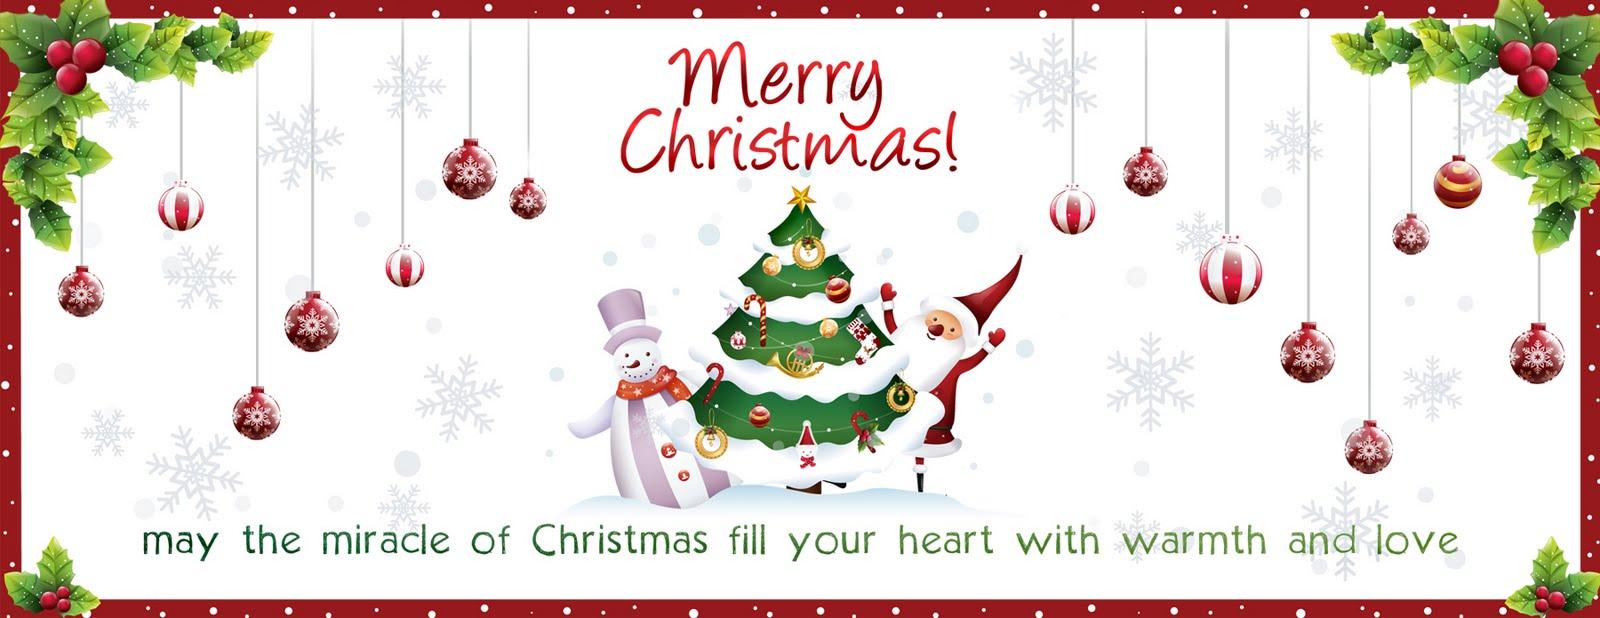 Jean Like Design: Christmas Greeting Website Bannner